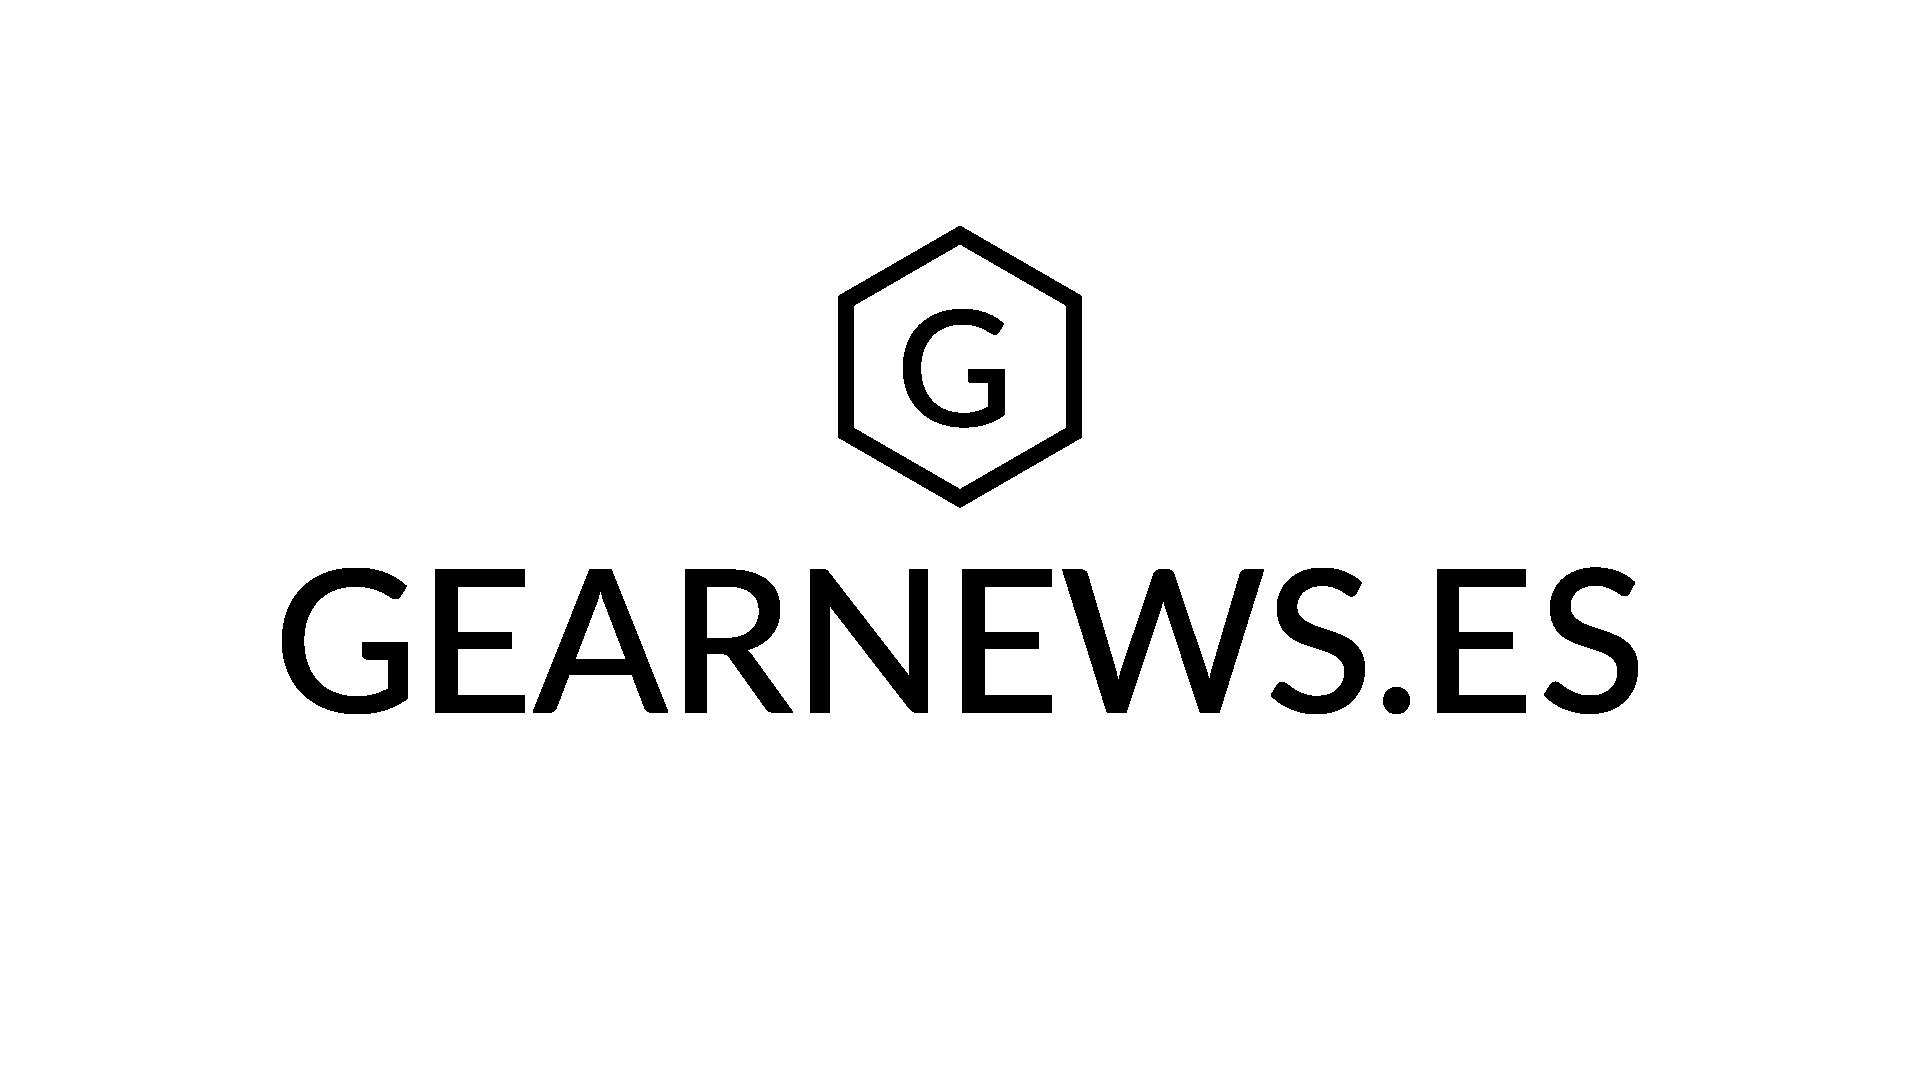 Gearnews.es Logo